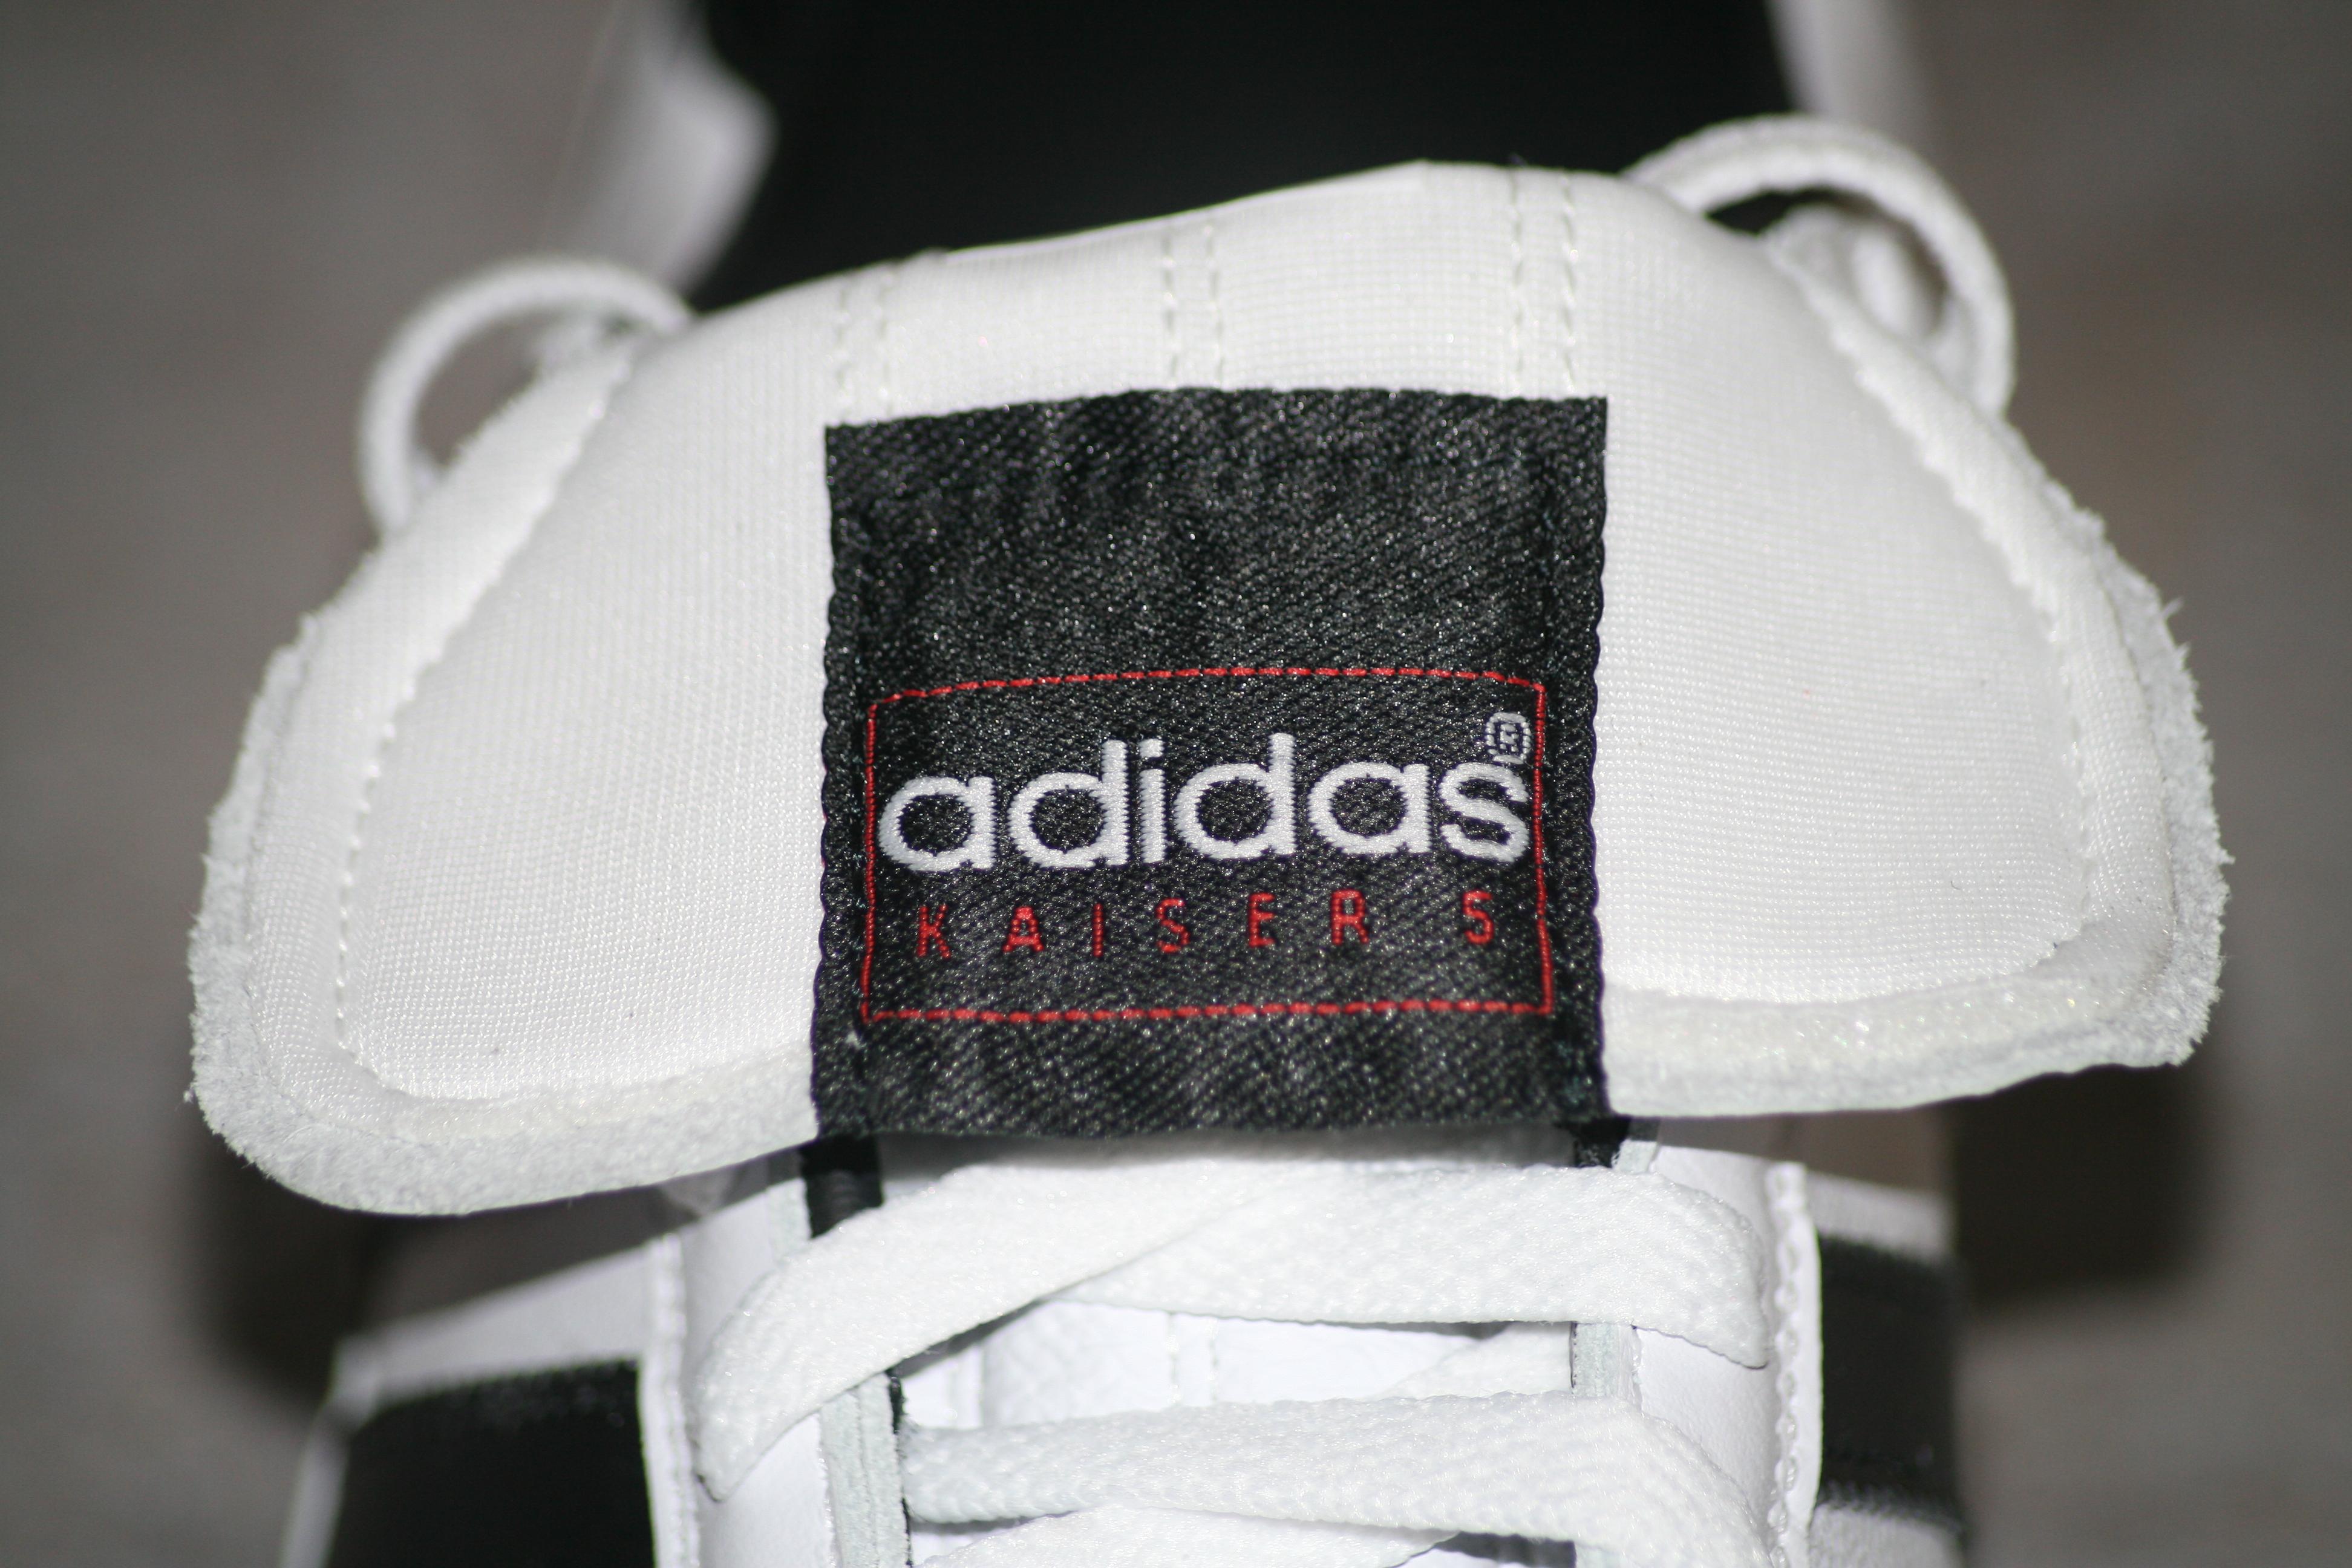 adidas boot maker